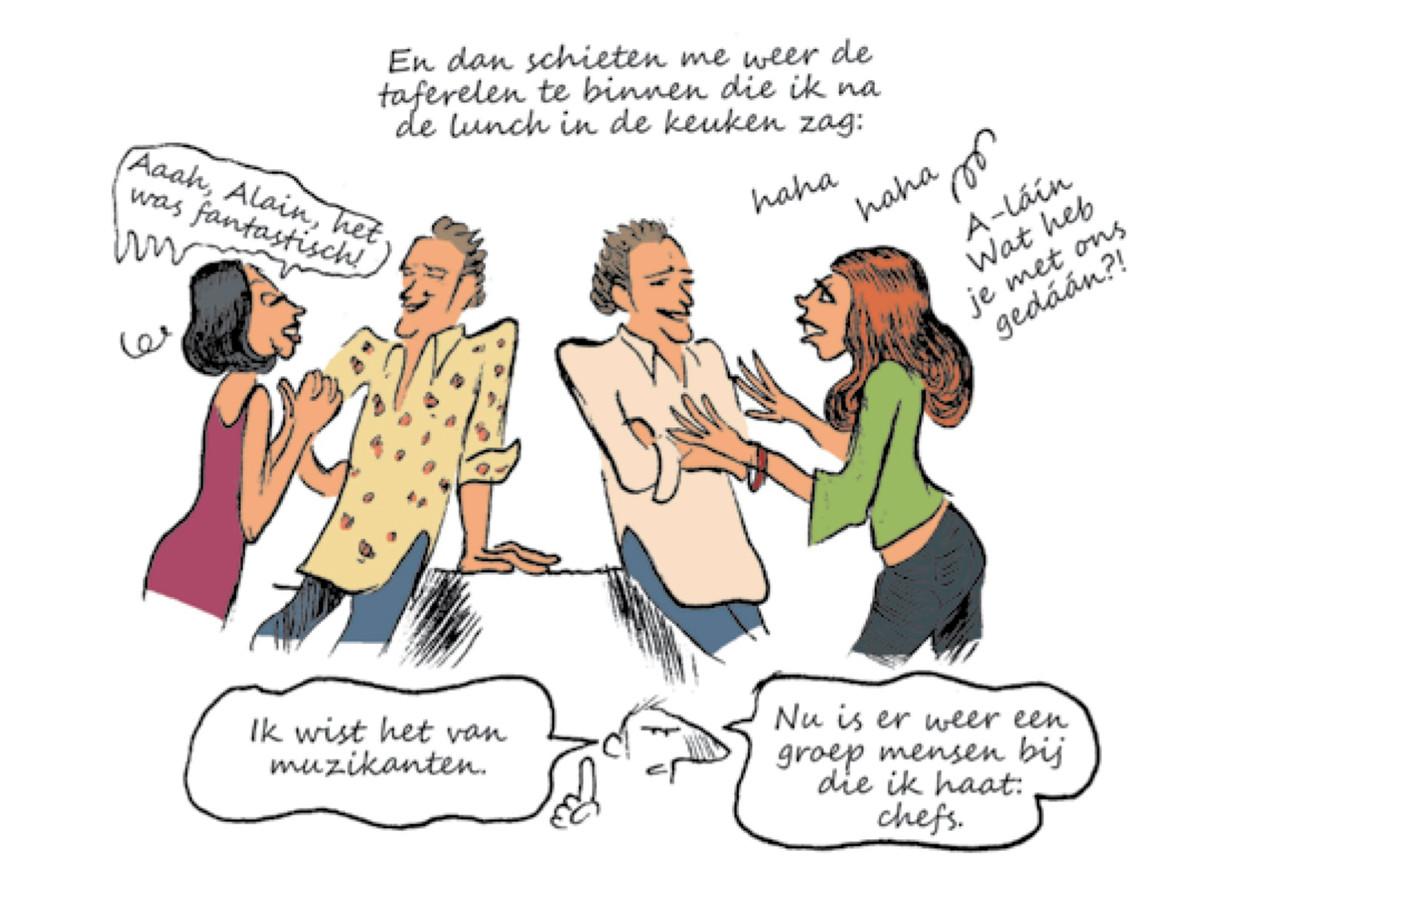 Afbeelding uit het genoemde stripboek.